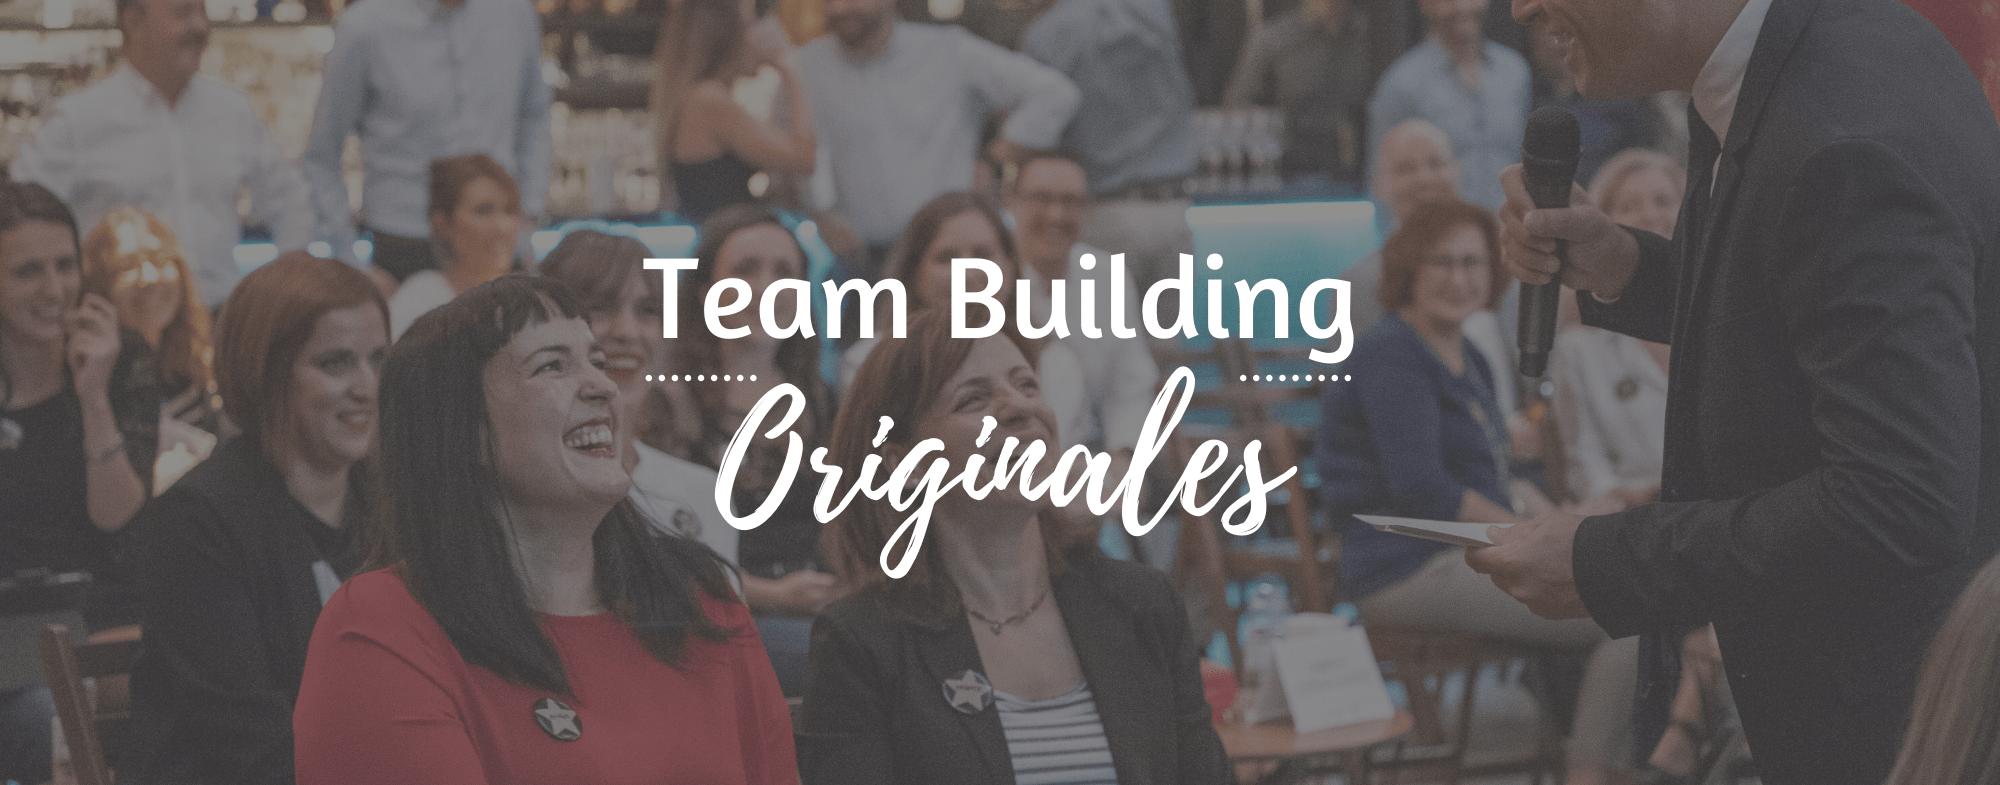 Team Building Originales